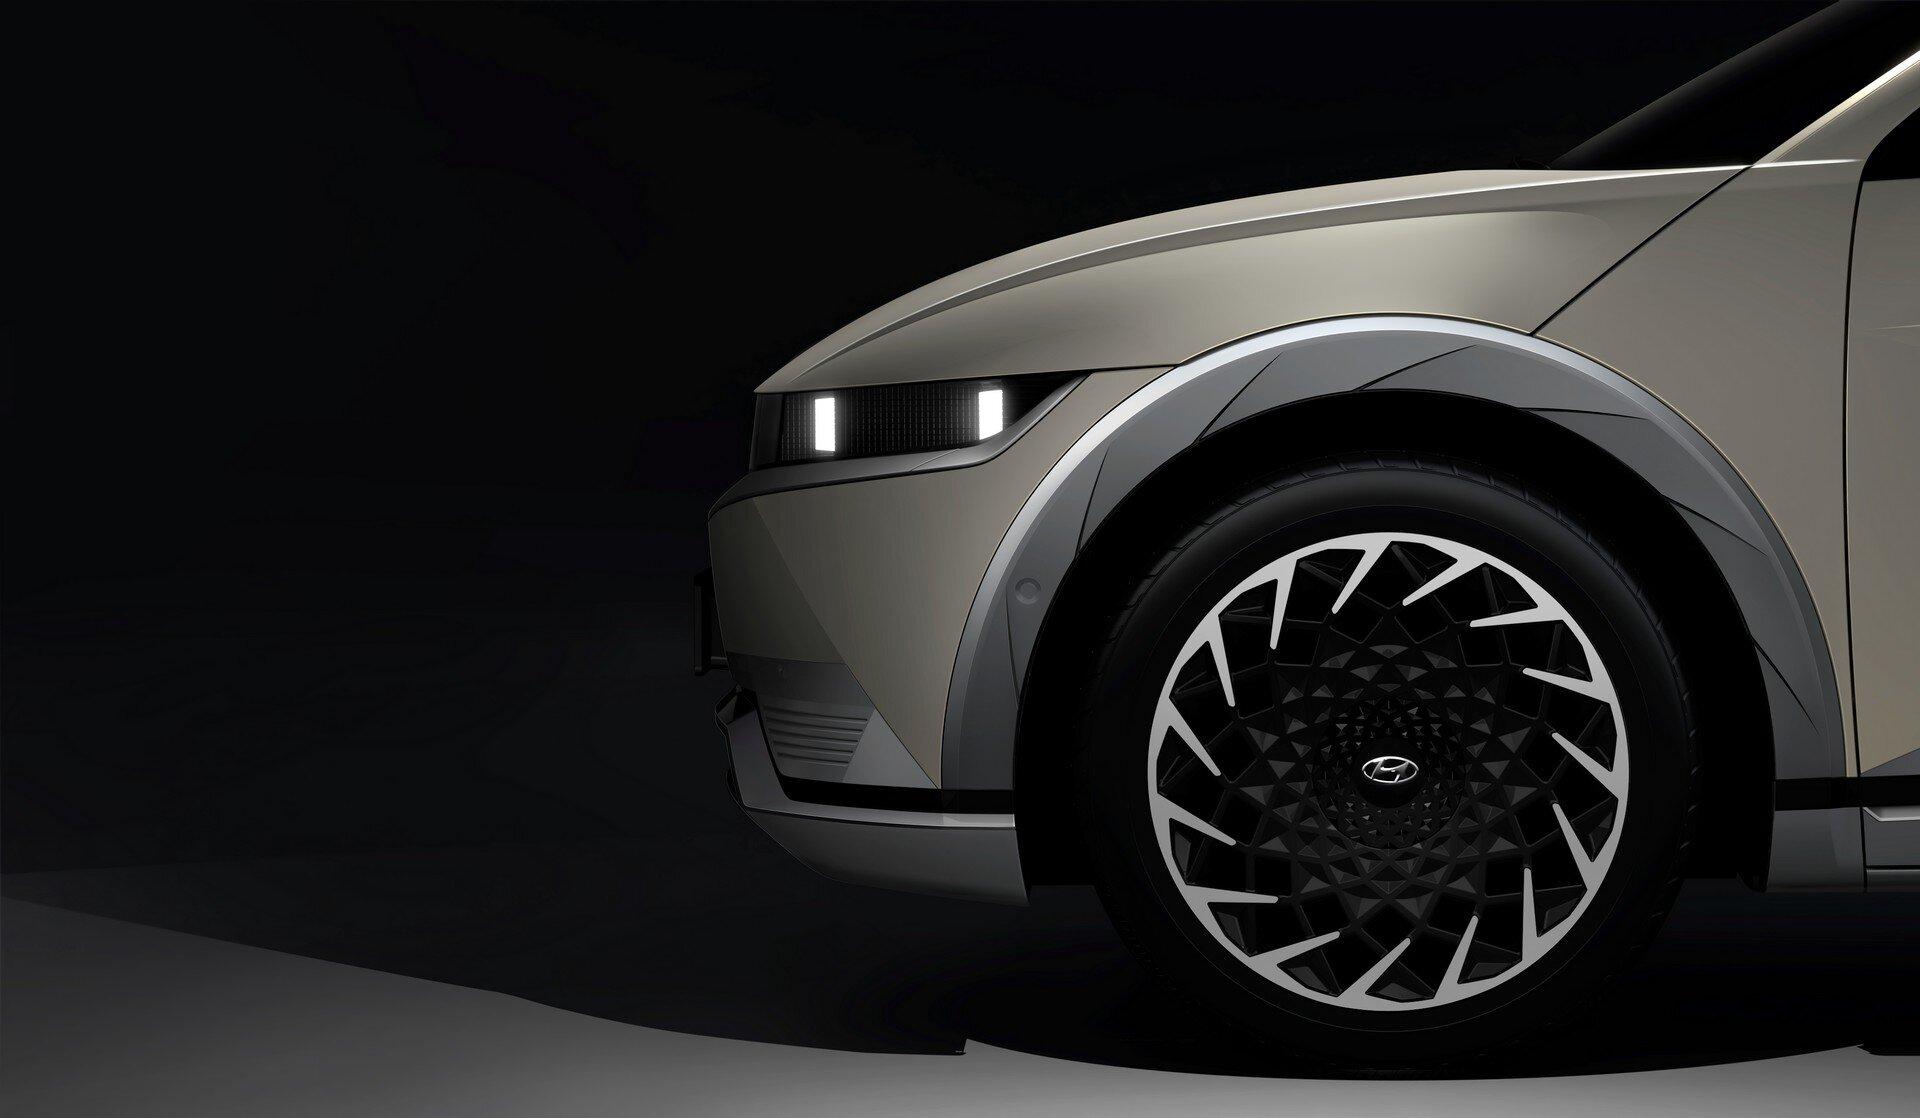 韩国现代Ioniq 5电动汽车剧透,充电5分钟,行驶200里